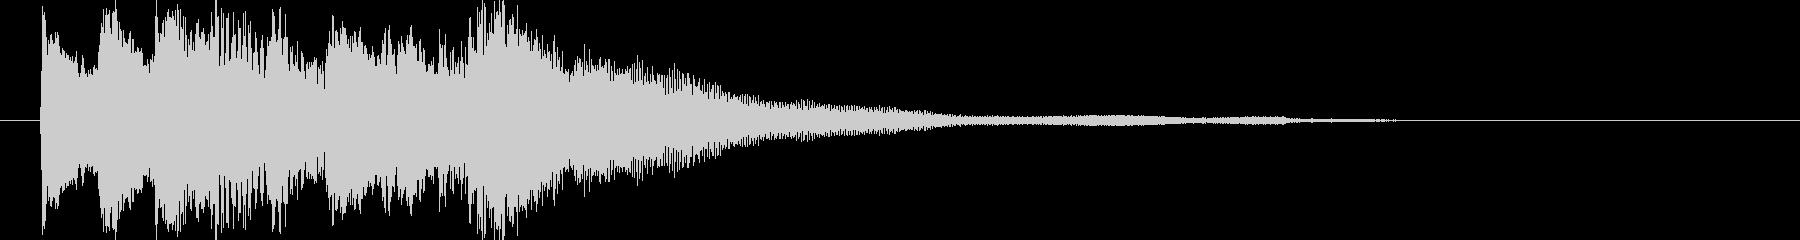 ハープによる優しい音色のジングルの未再生の波形